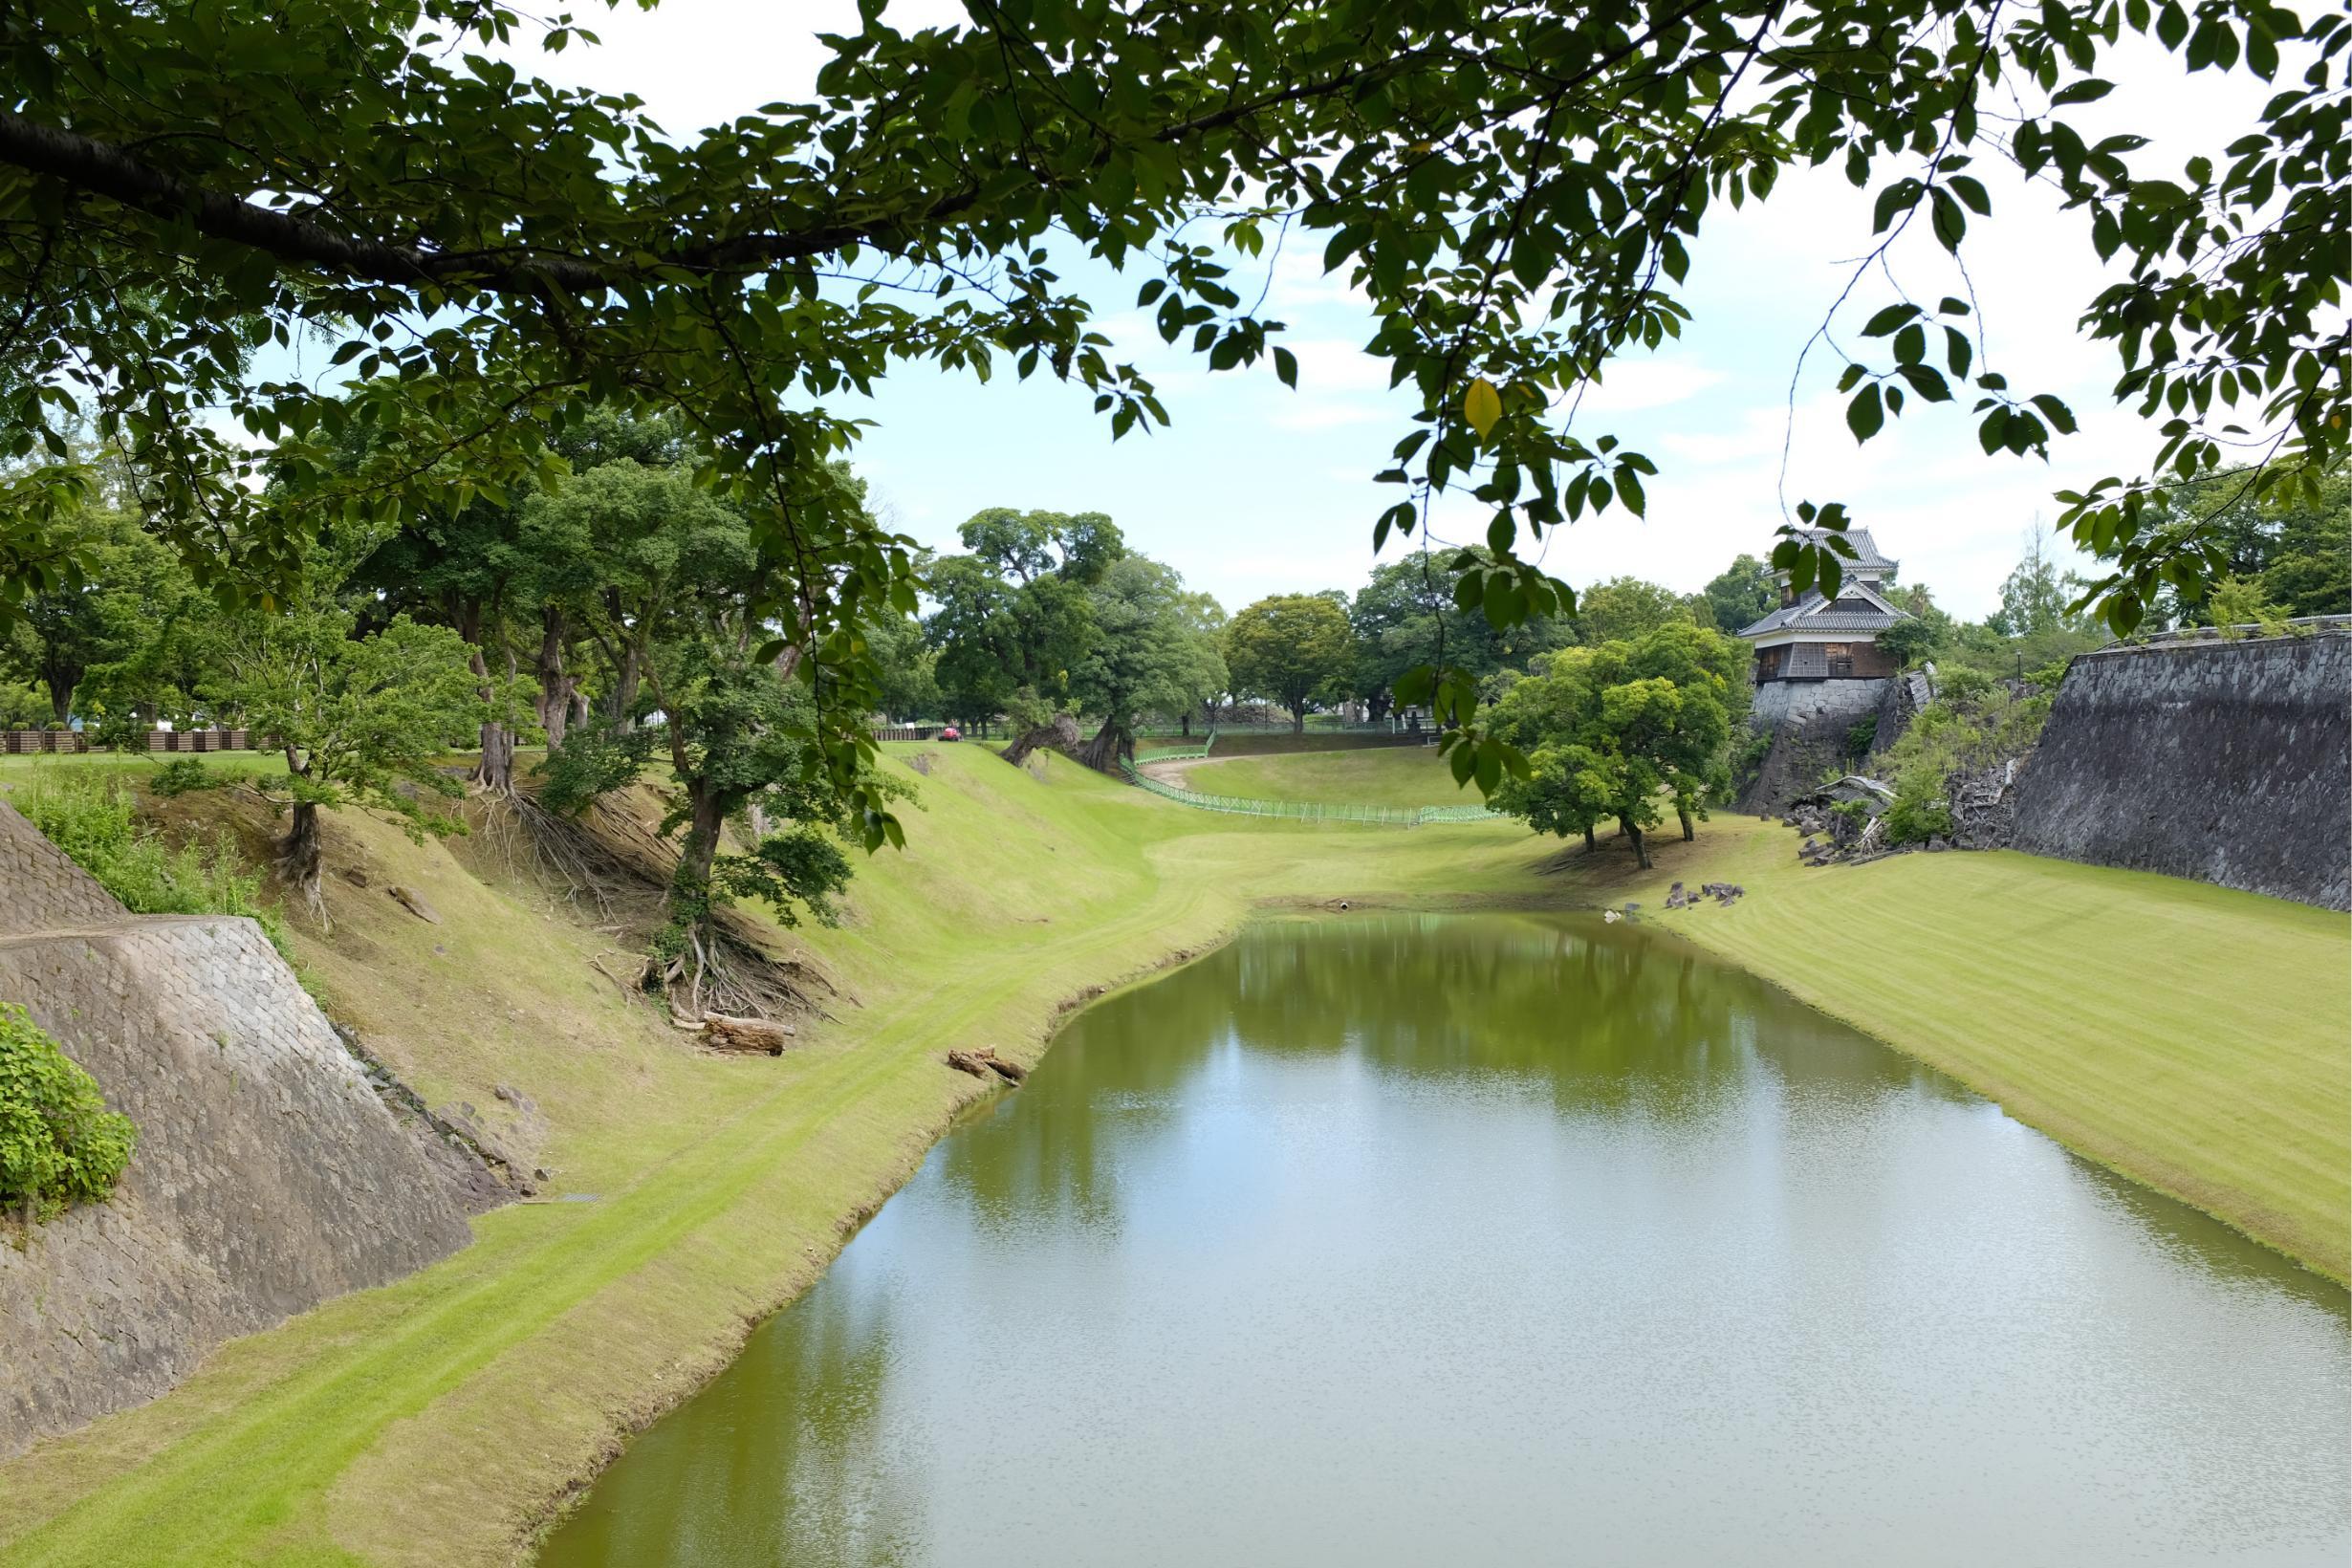 熊本城復興 観光はできる?